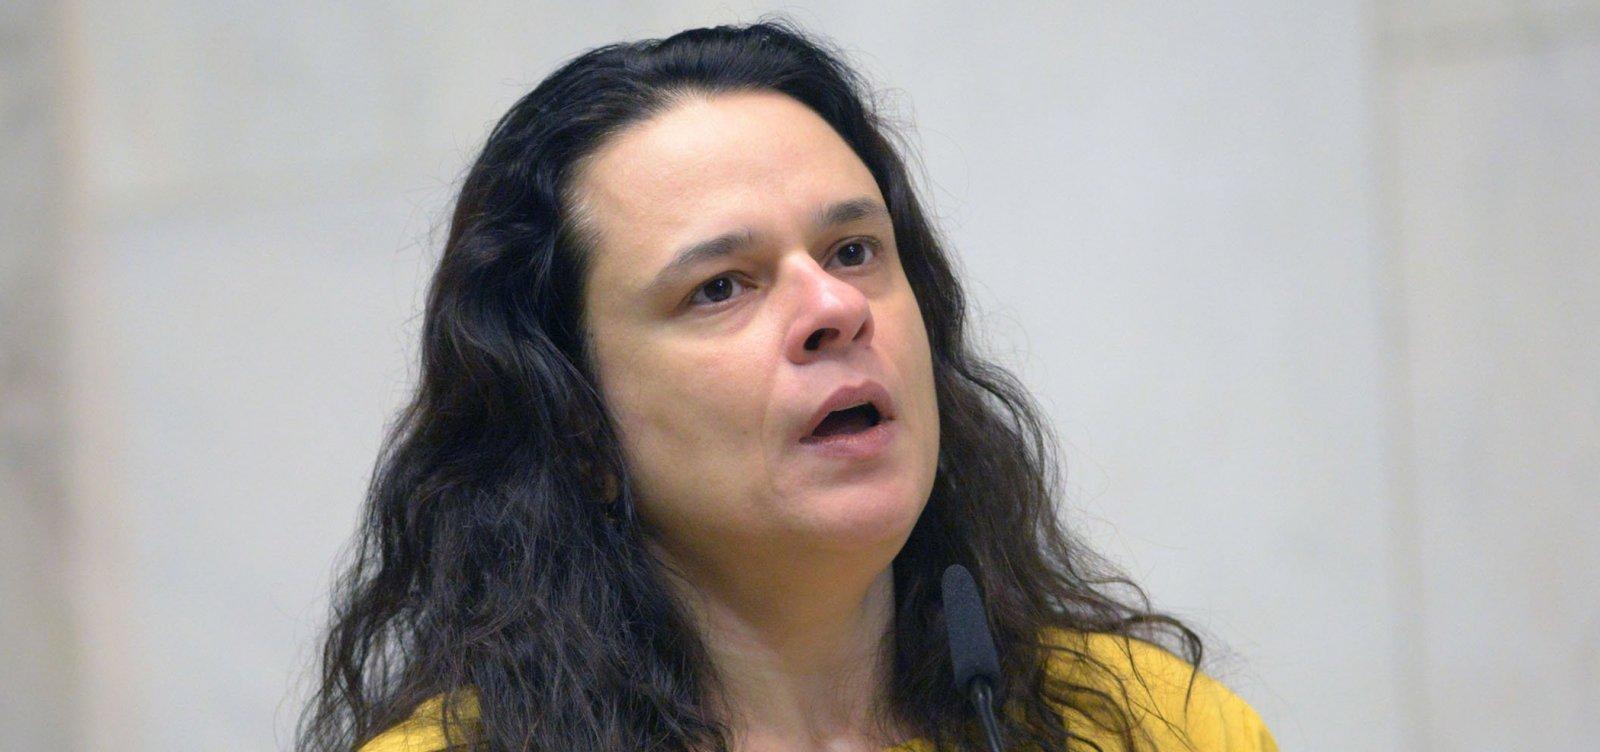 [Janaina Paschoal sai em defesa de Moro sobre vazamentos: 'Não vejo ilicitude']